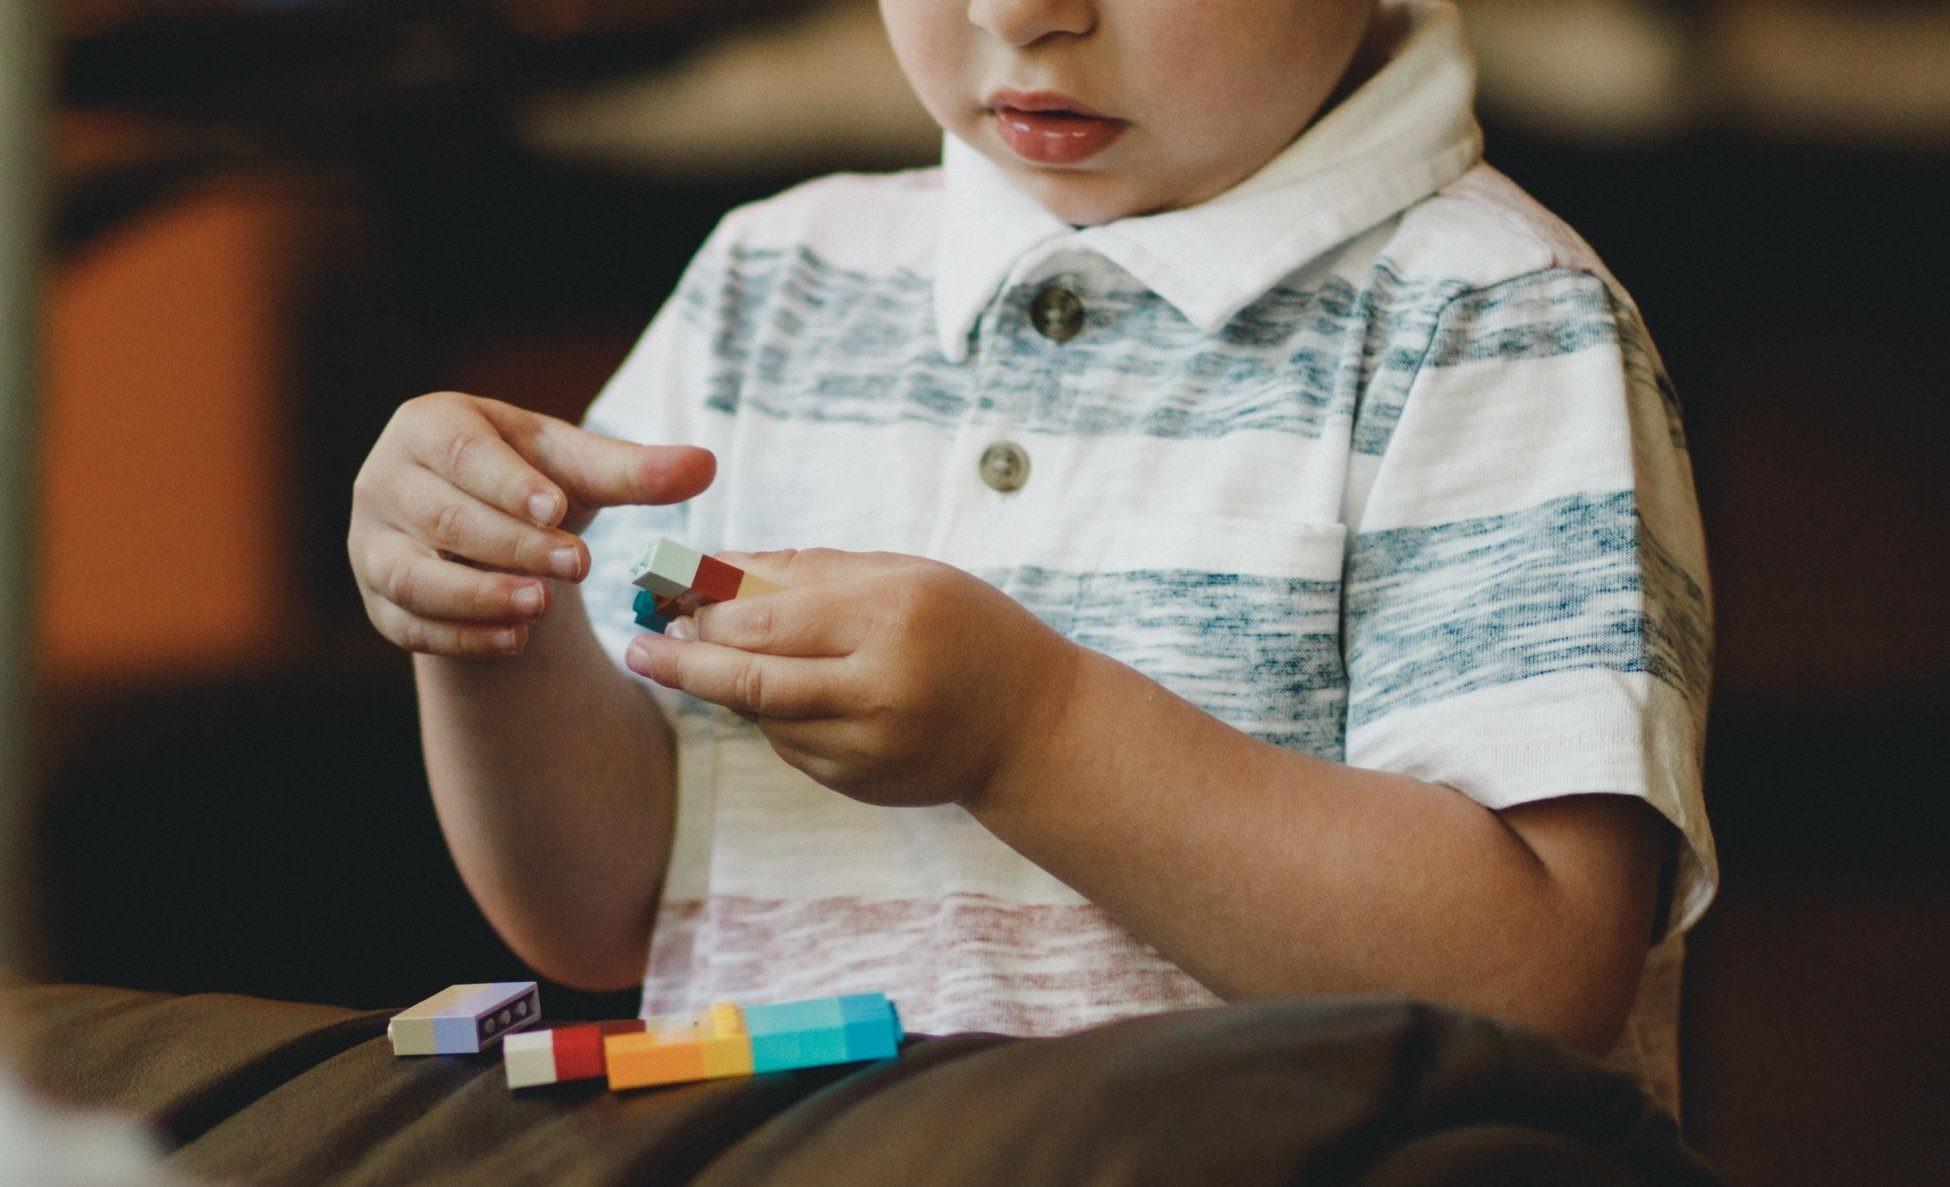 Нормально ли, если мальчик играет в куклы?